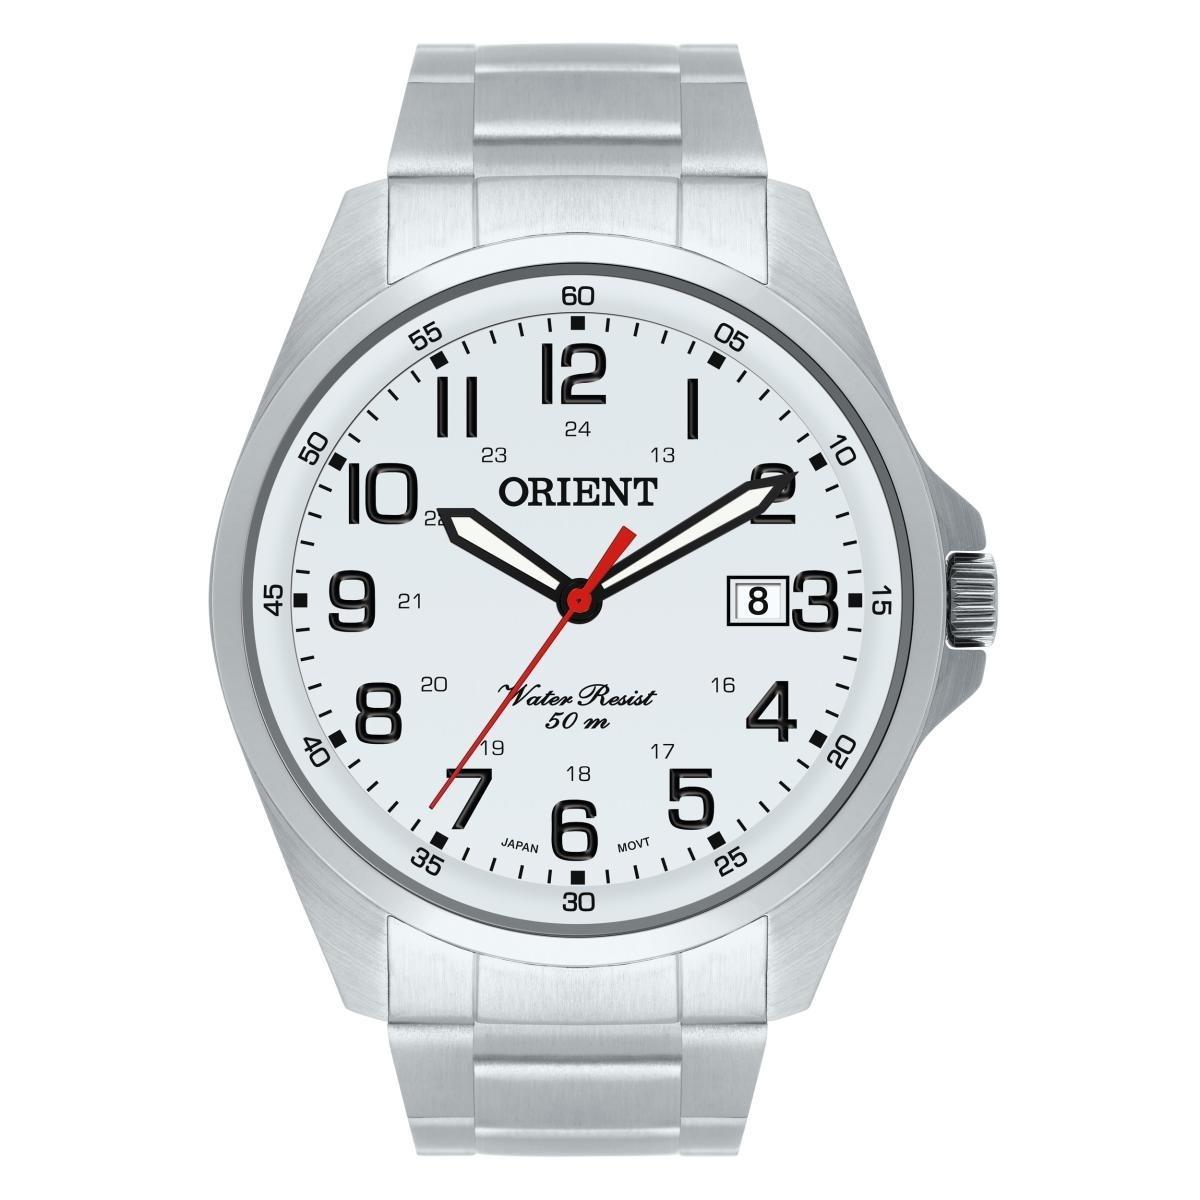 e0cb99d2b73 relógio orient masculino prata - mbss1171 s2sx. Carregando zoom.